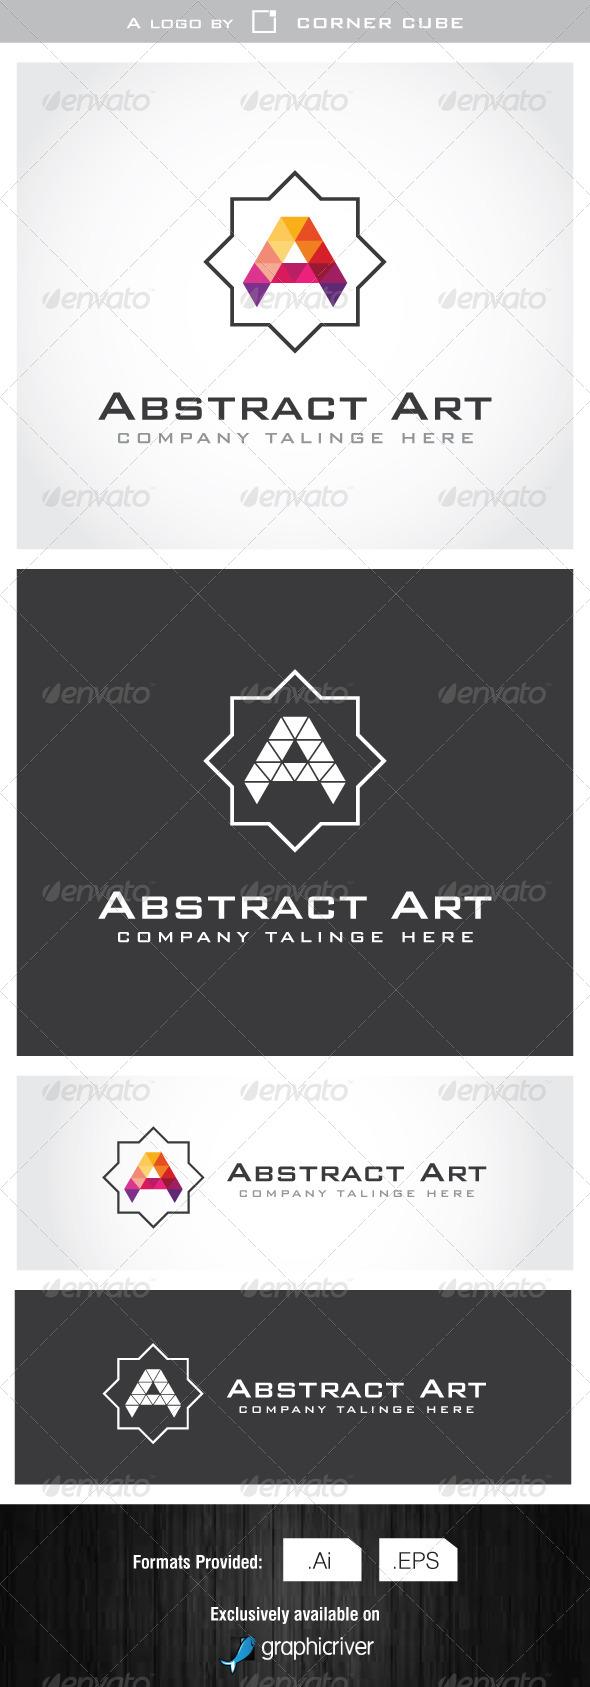 Abstract Art Logo - Logo Templates